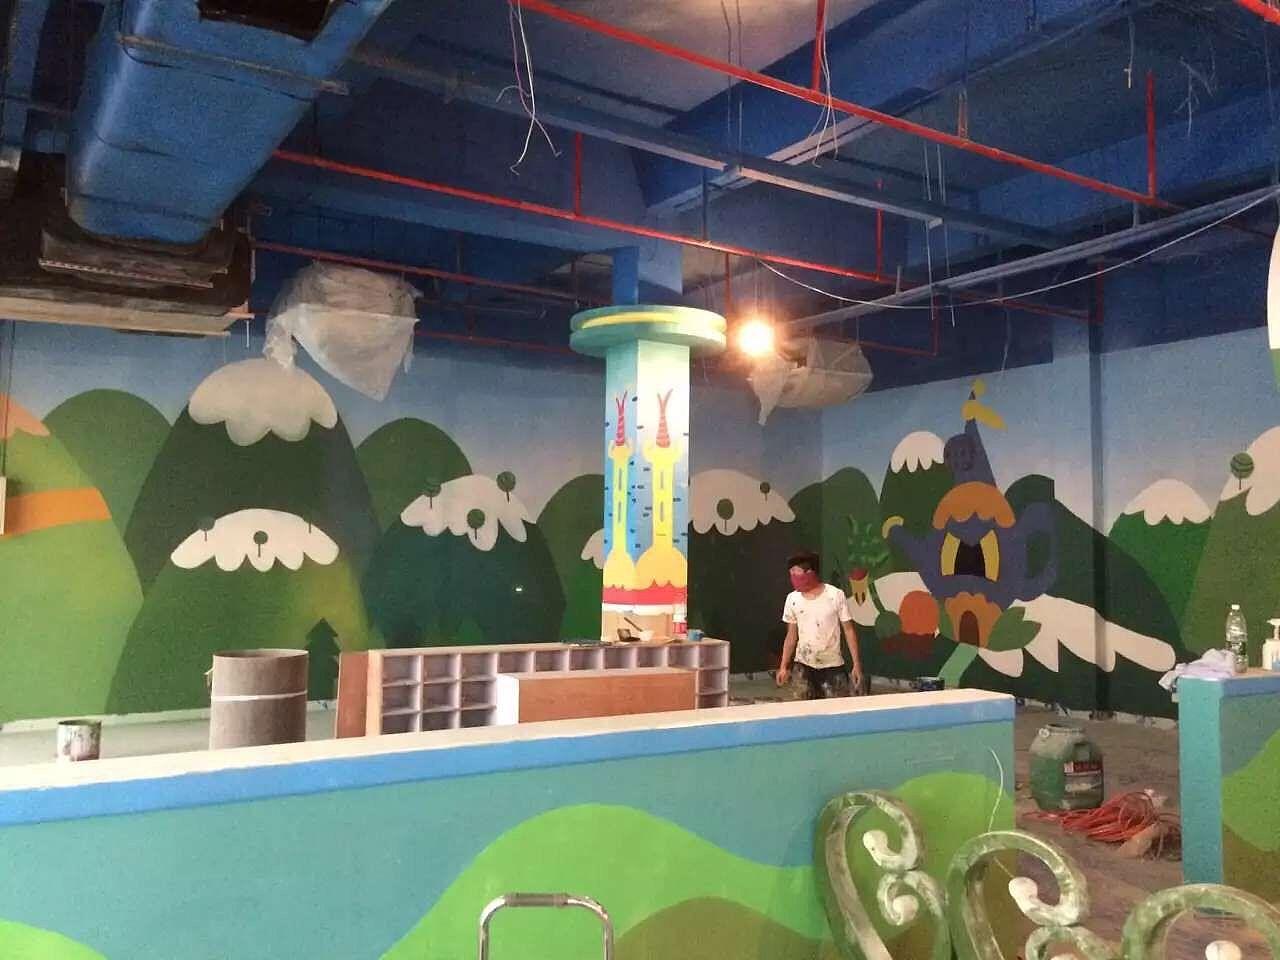 万达影城 游乐场 彩绘墙画